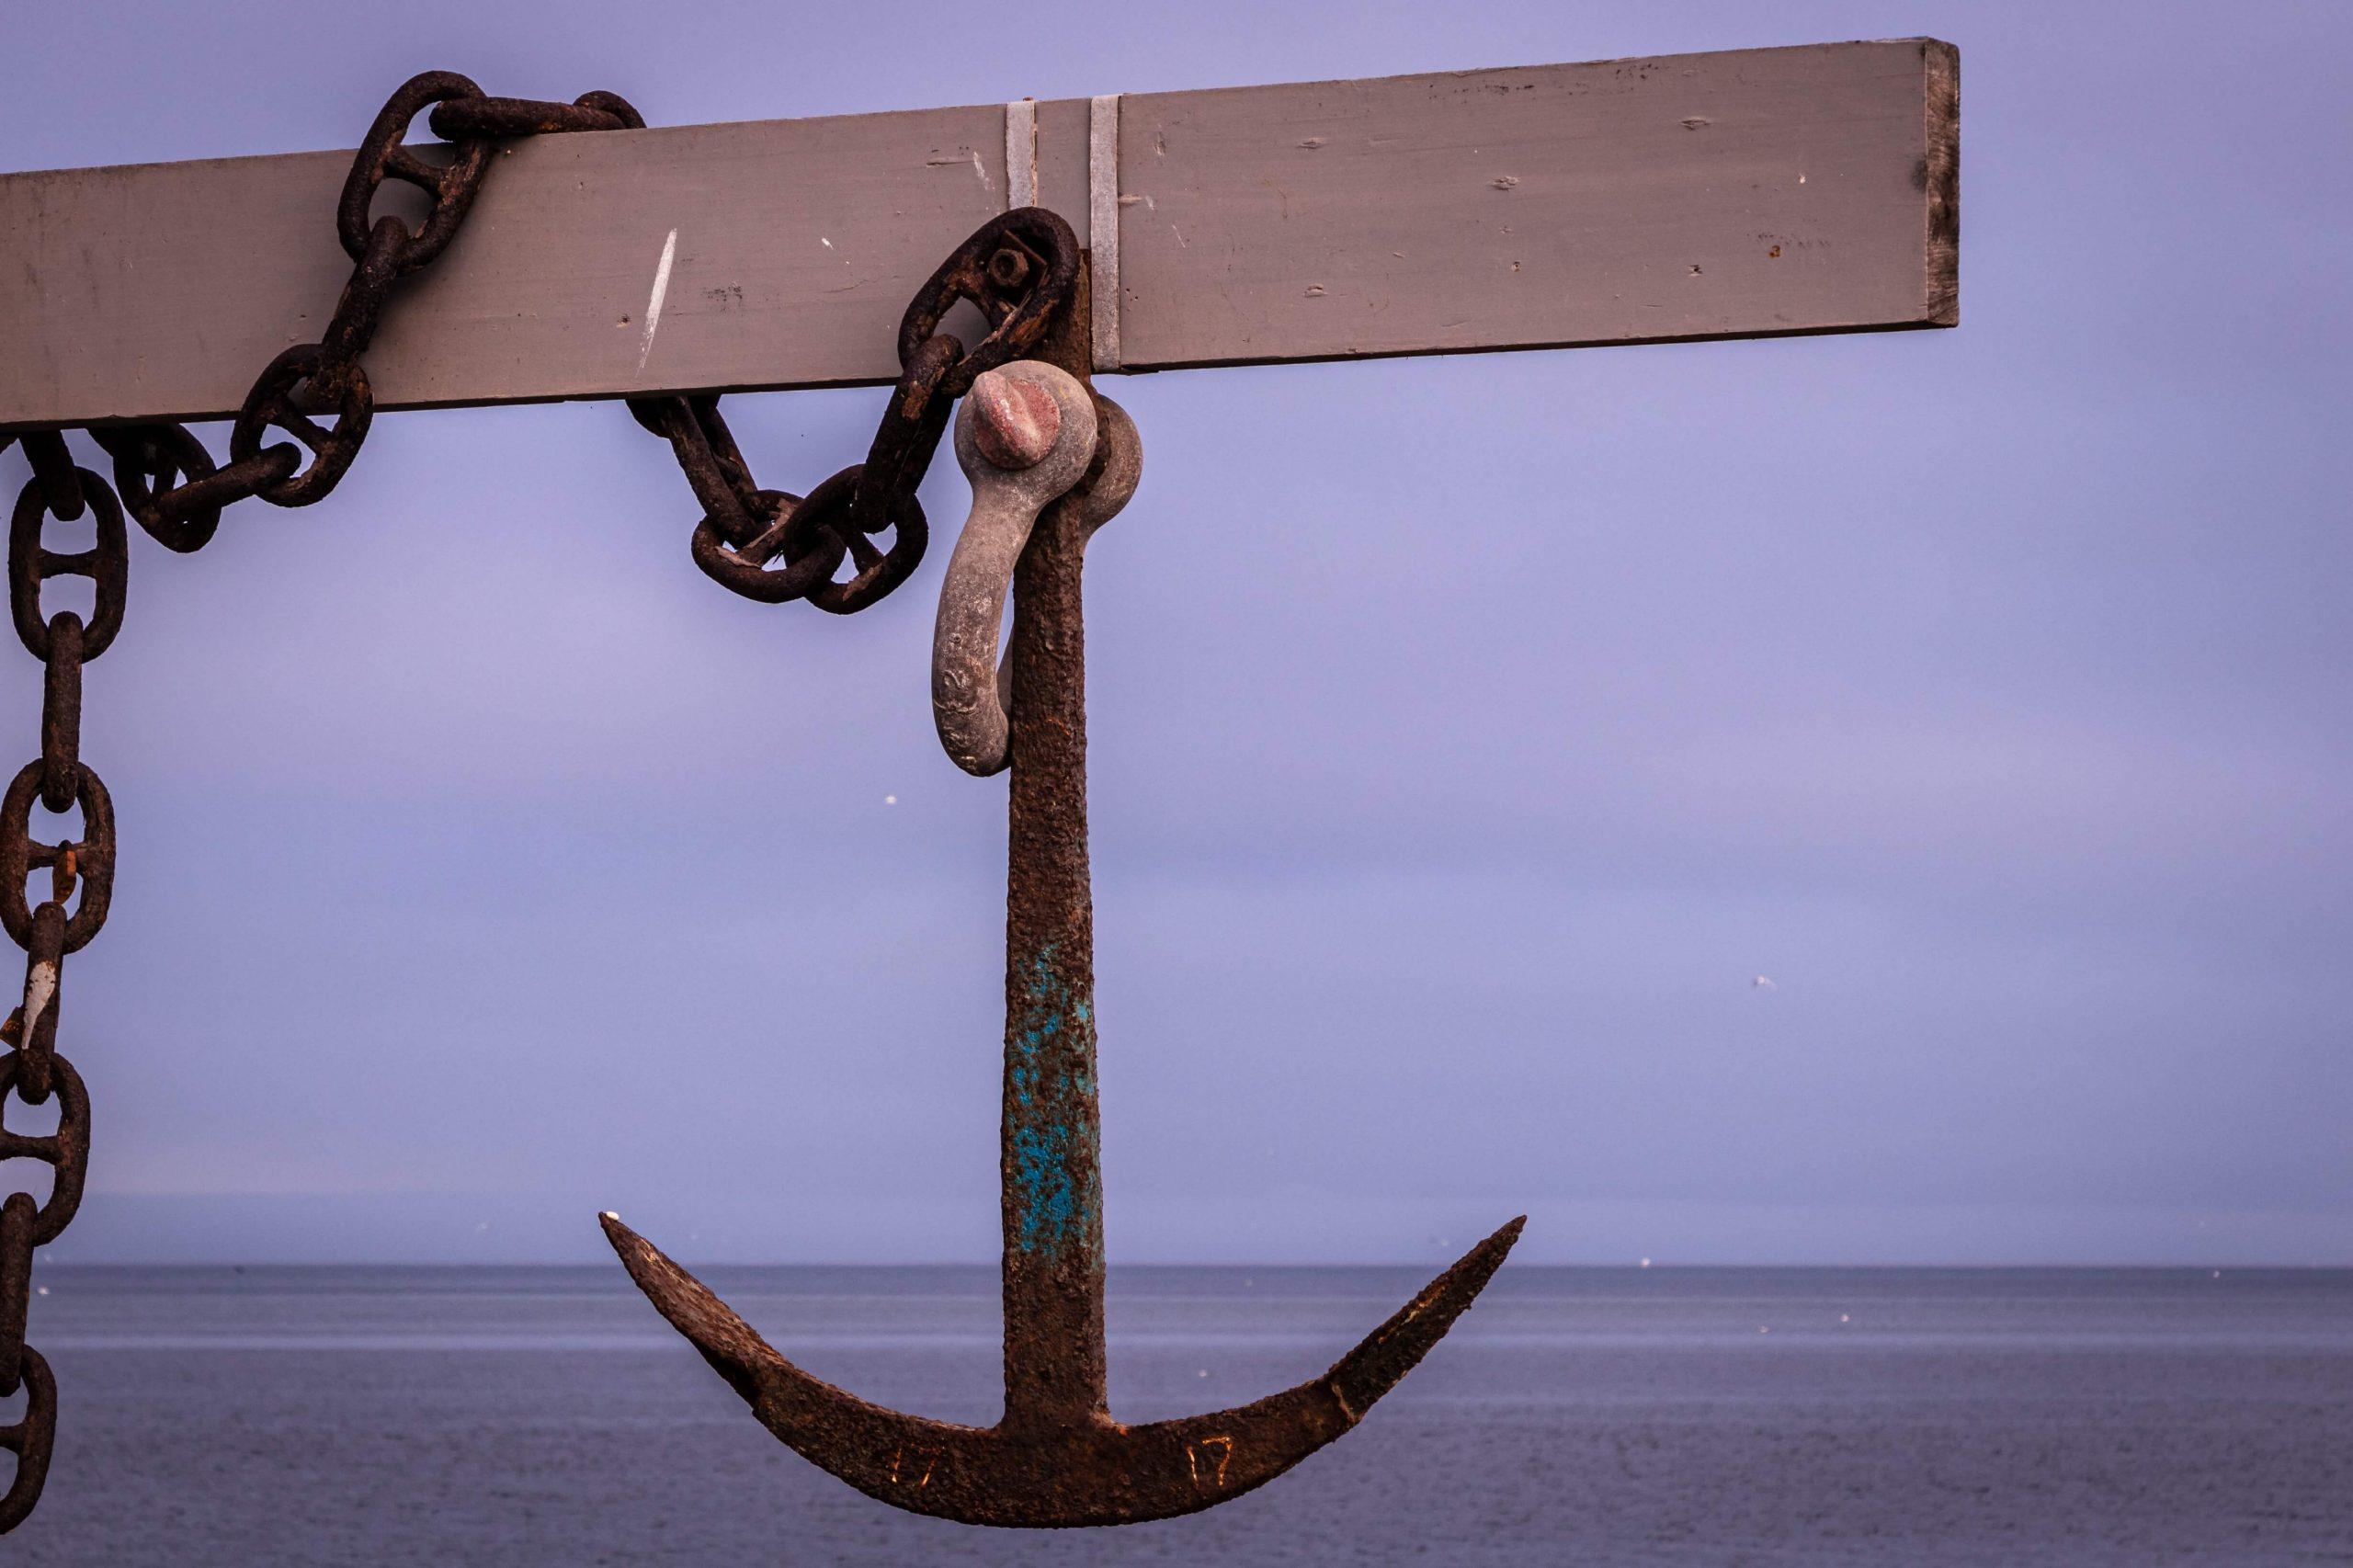 Czym jest anchor text i dlaczego czasem warto z niego skorzystać?